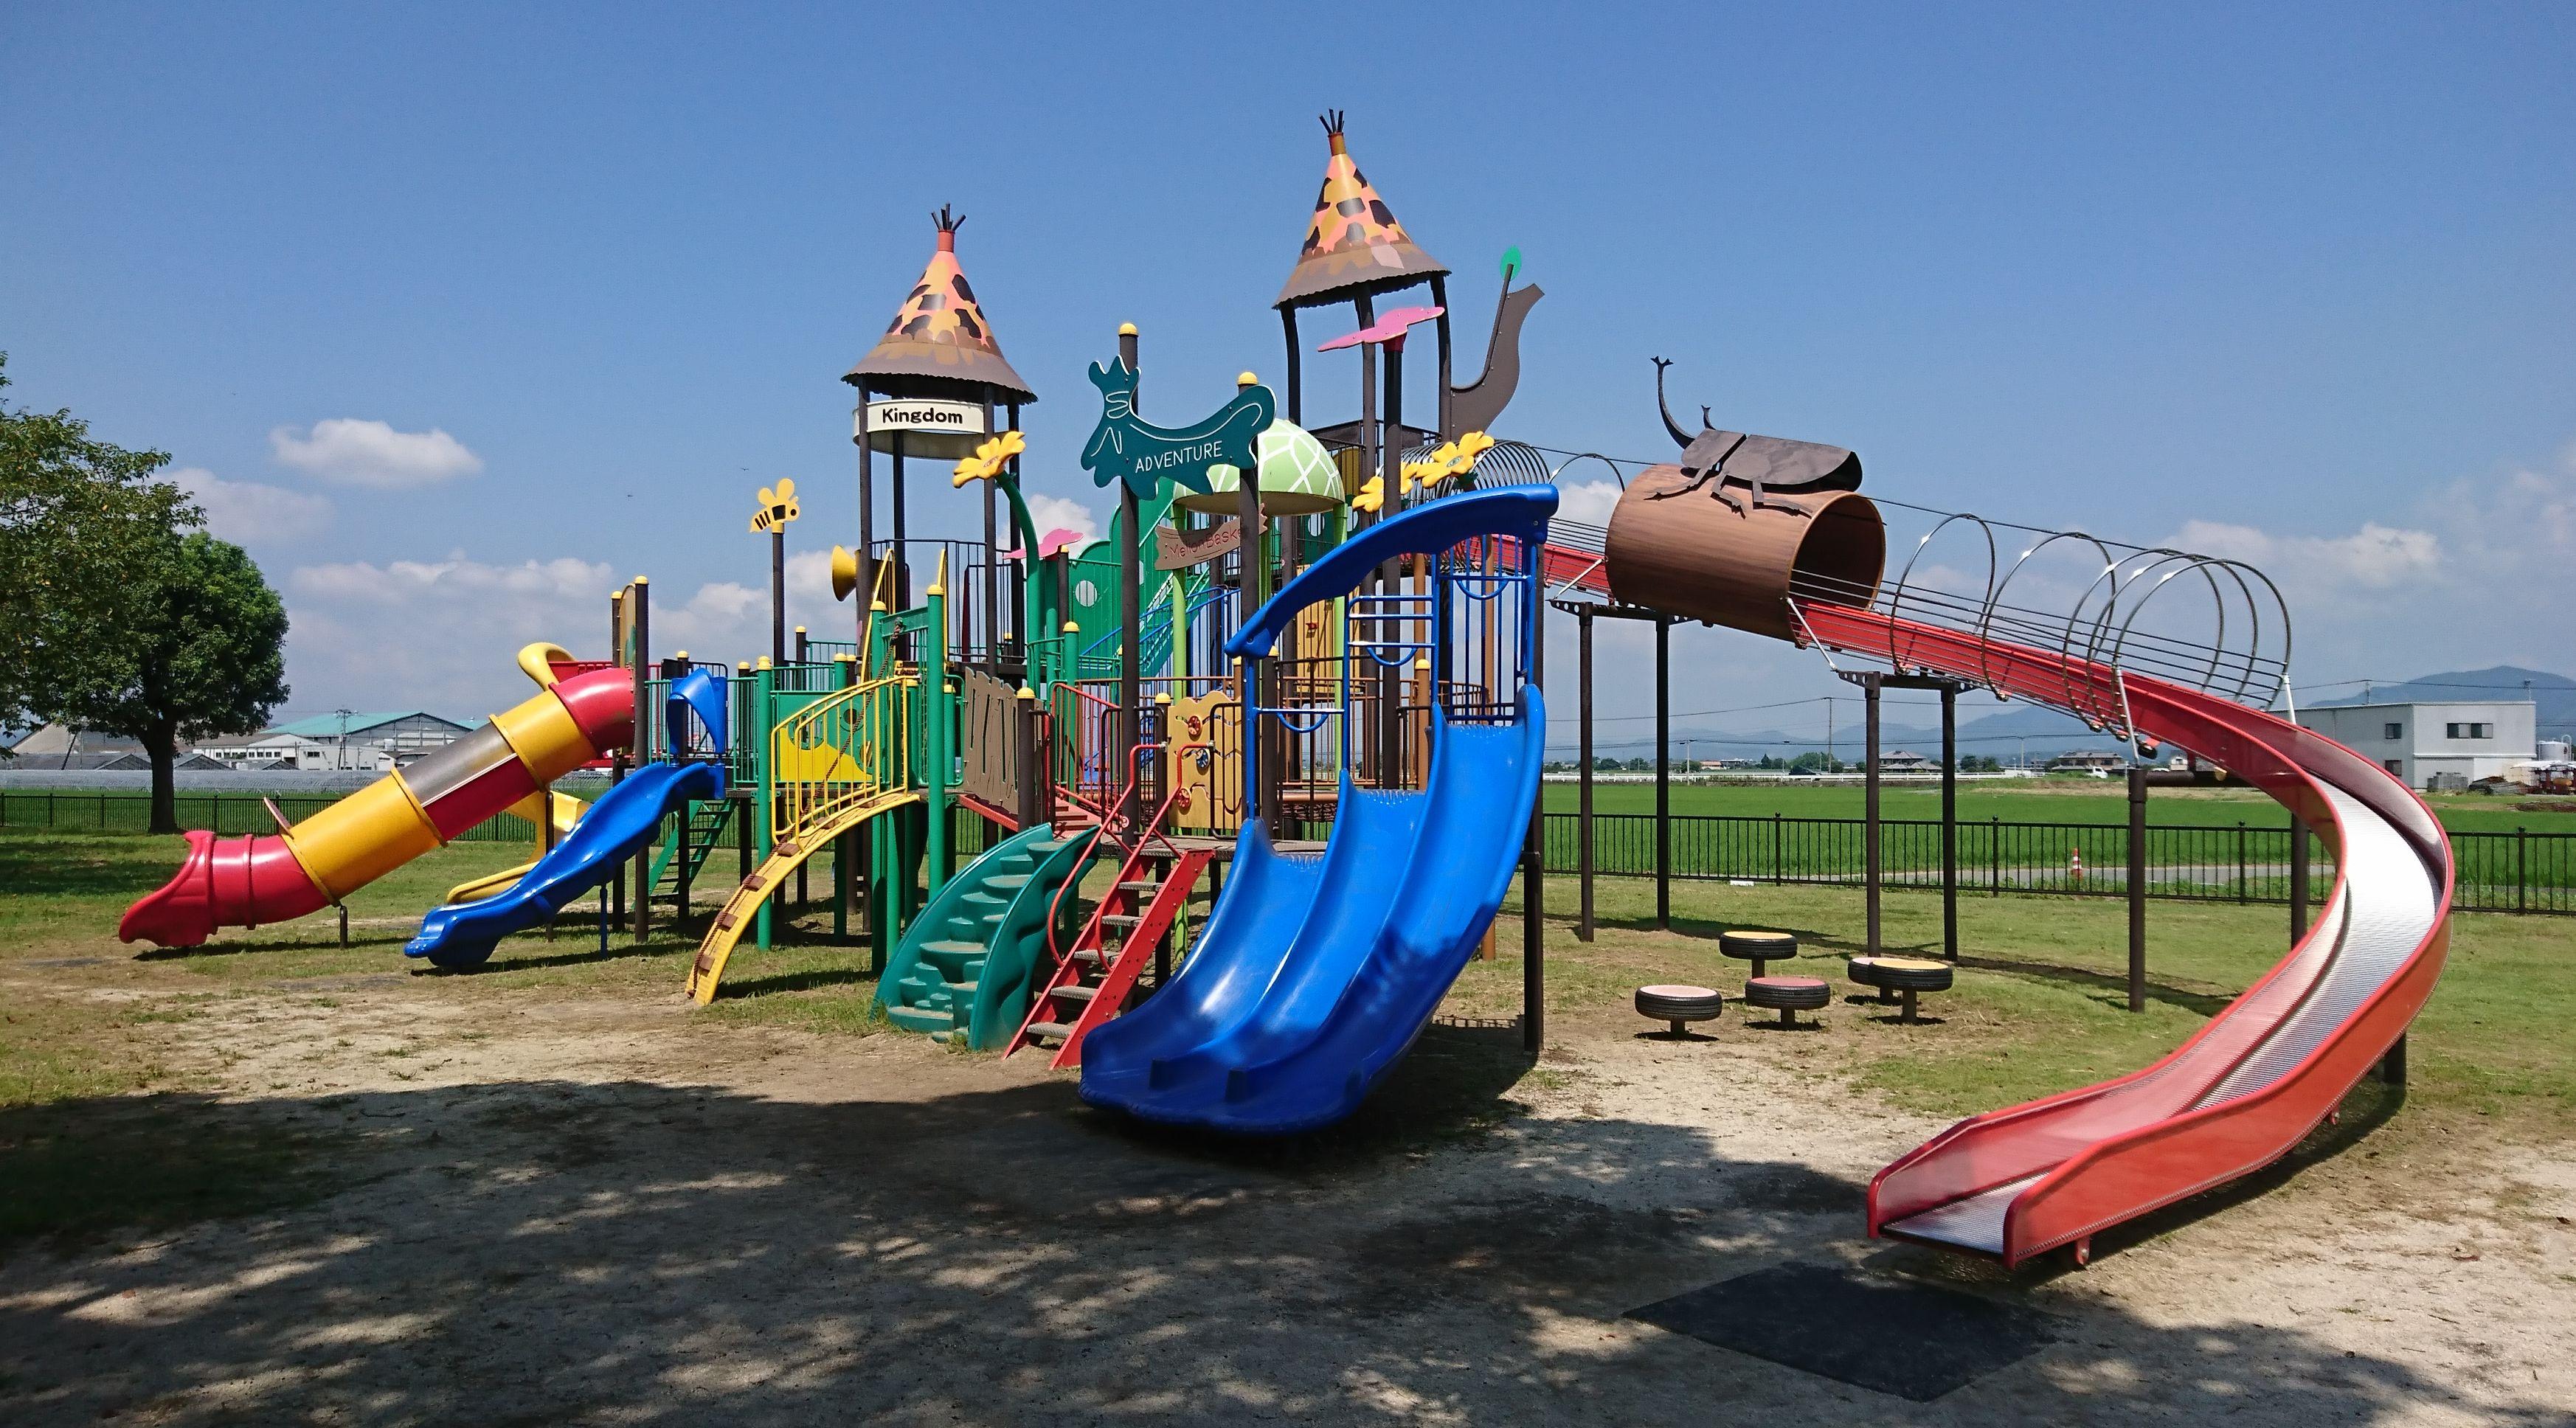 【鴨川河畔公園】菊池@七城町、川遊び&大型遊具の紹介